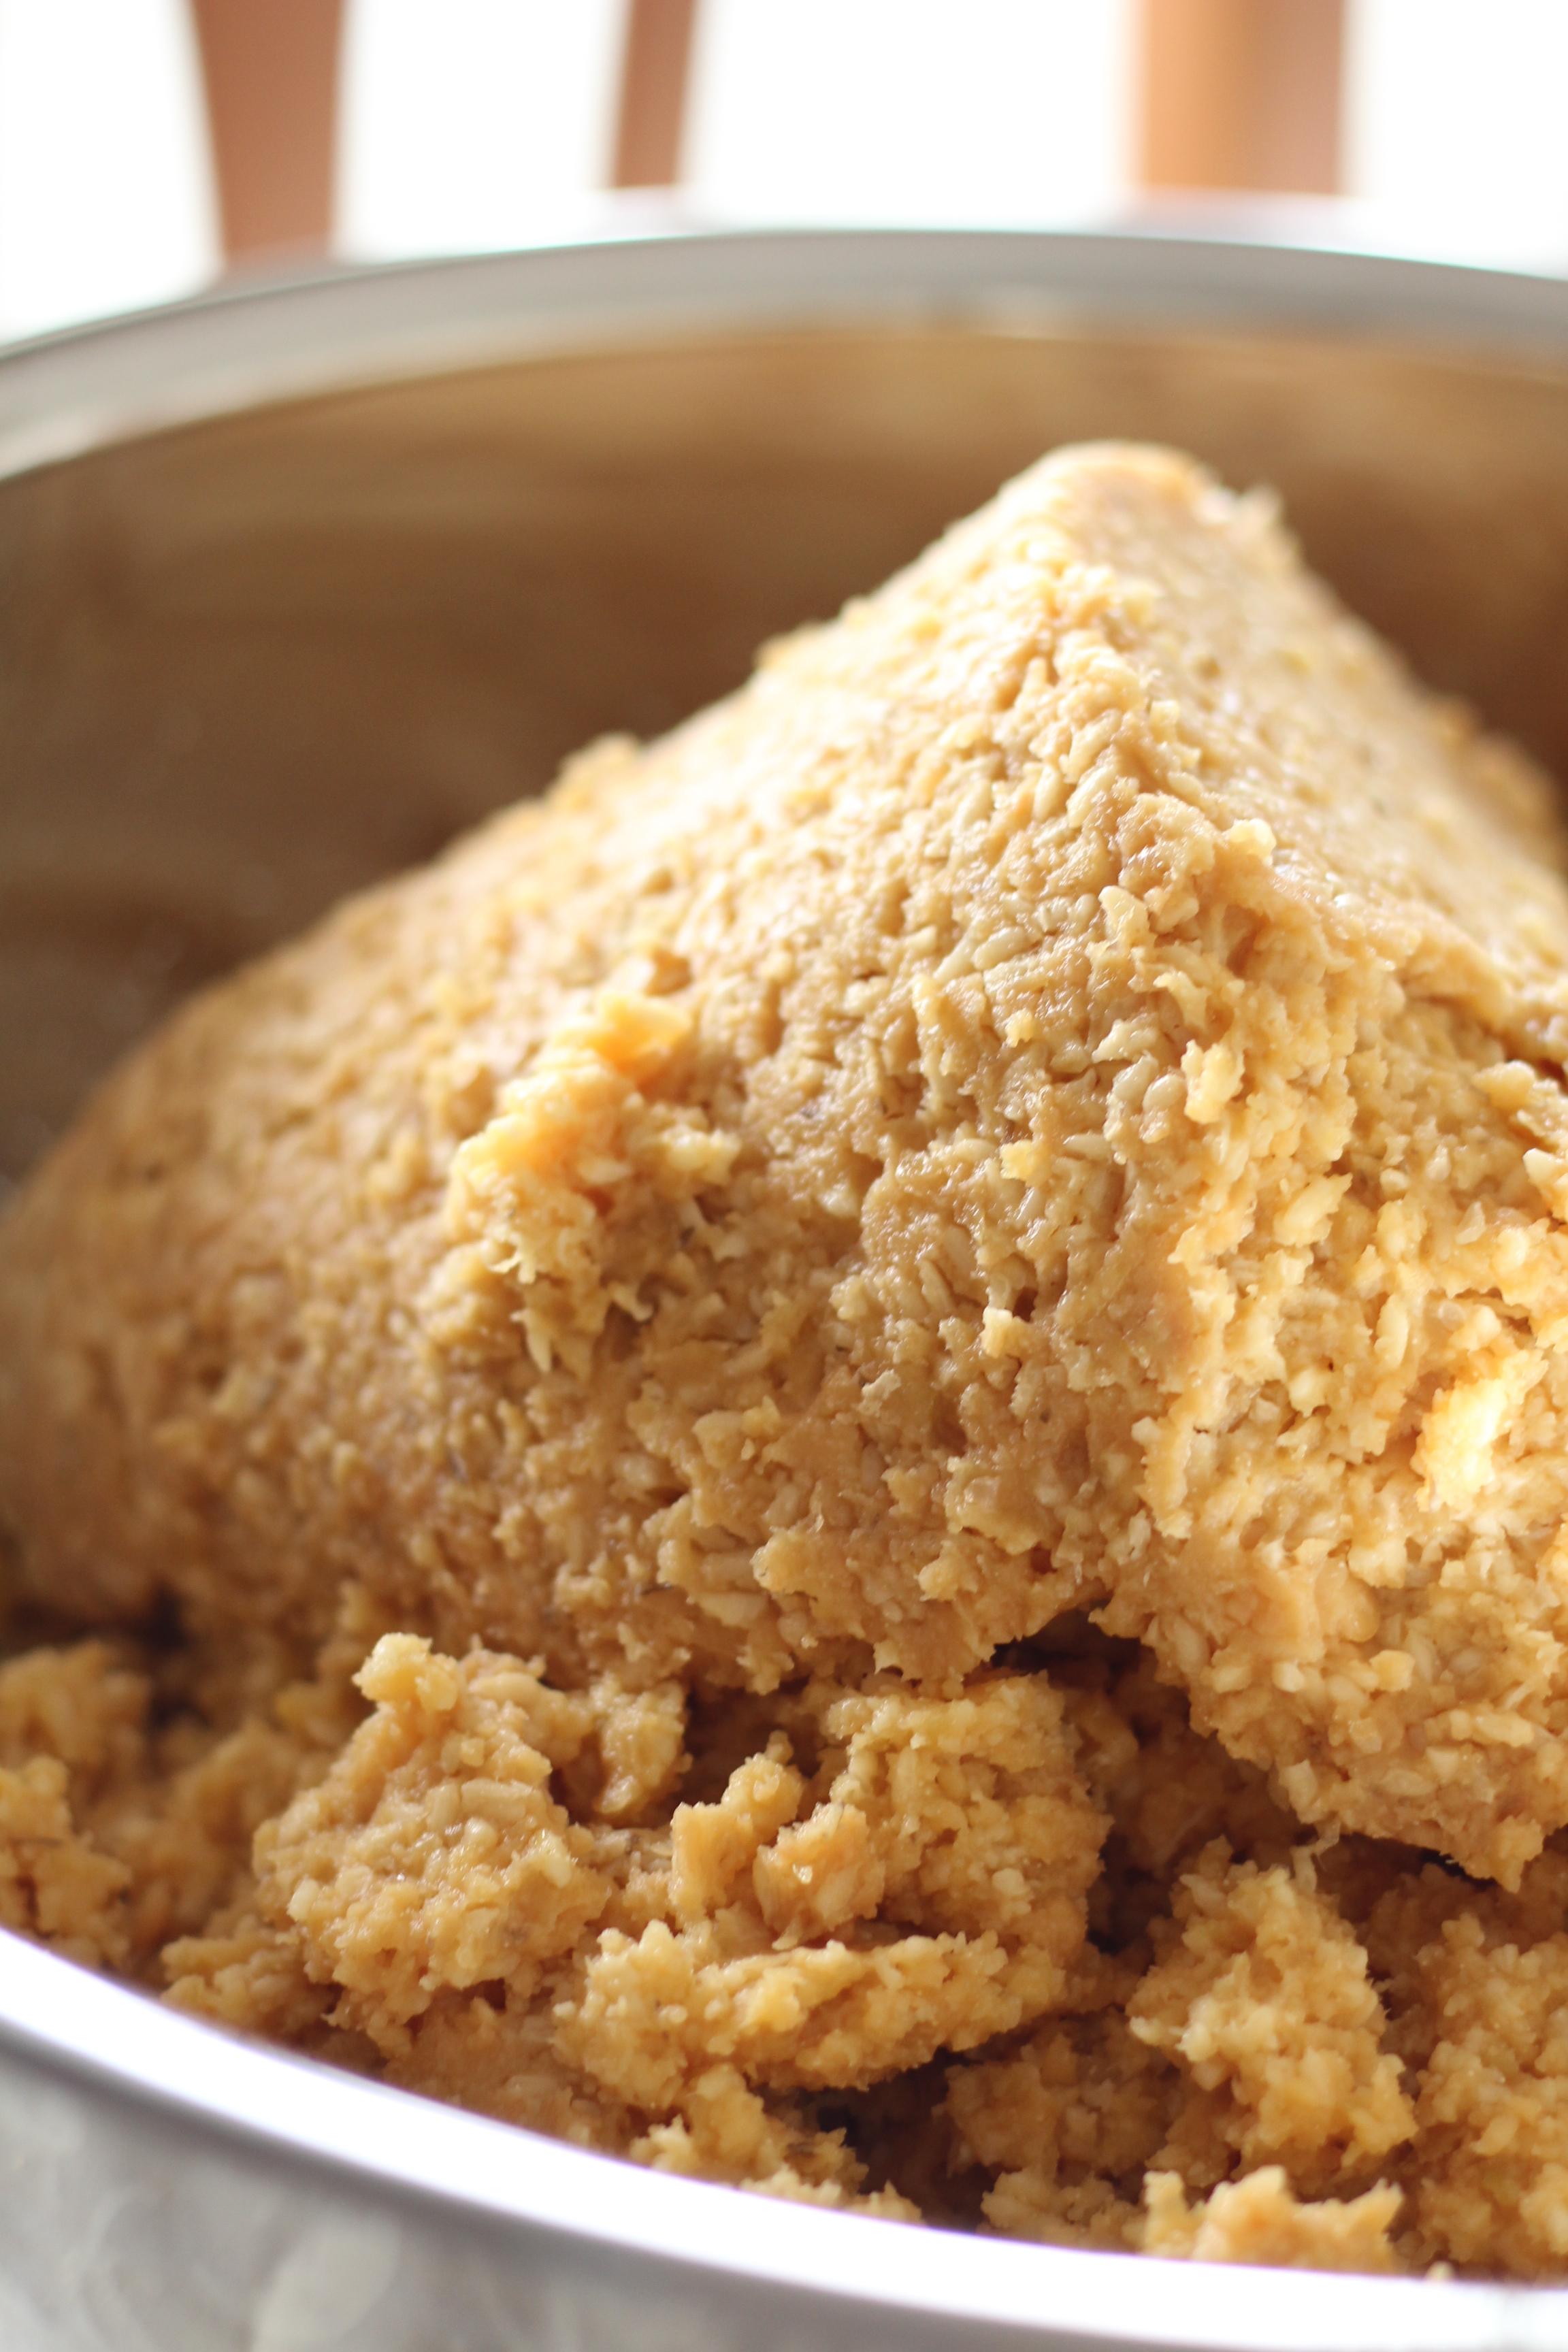 味噌の天地返し、阿倍野区西田辺a-ta-sante 投資制限パン料理教室。